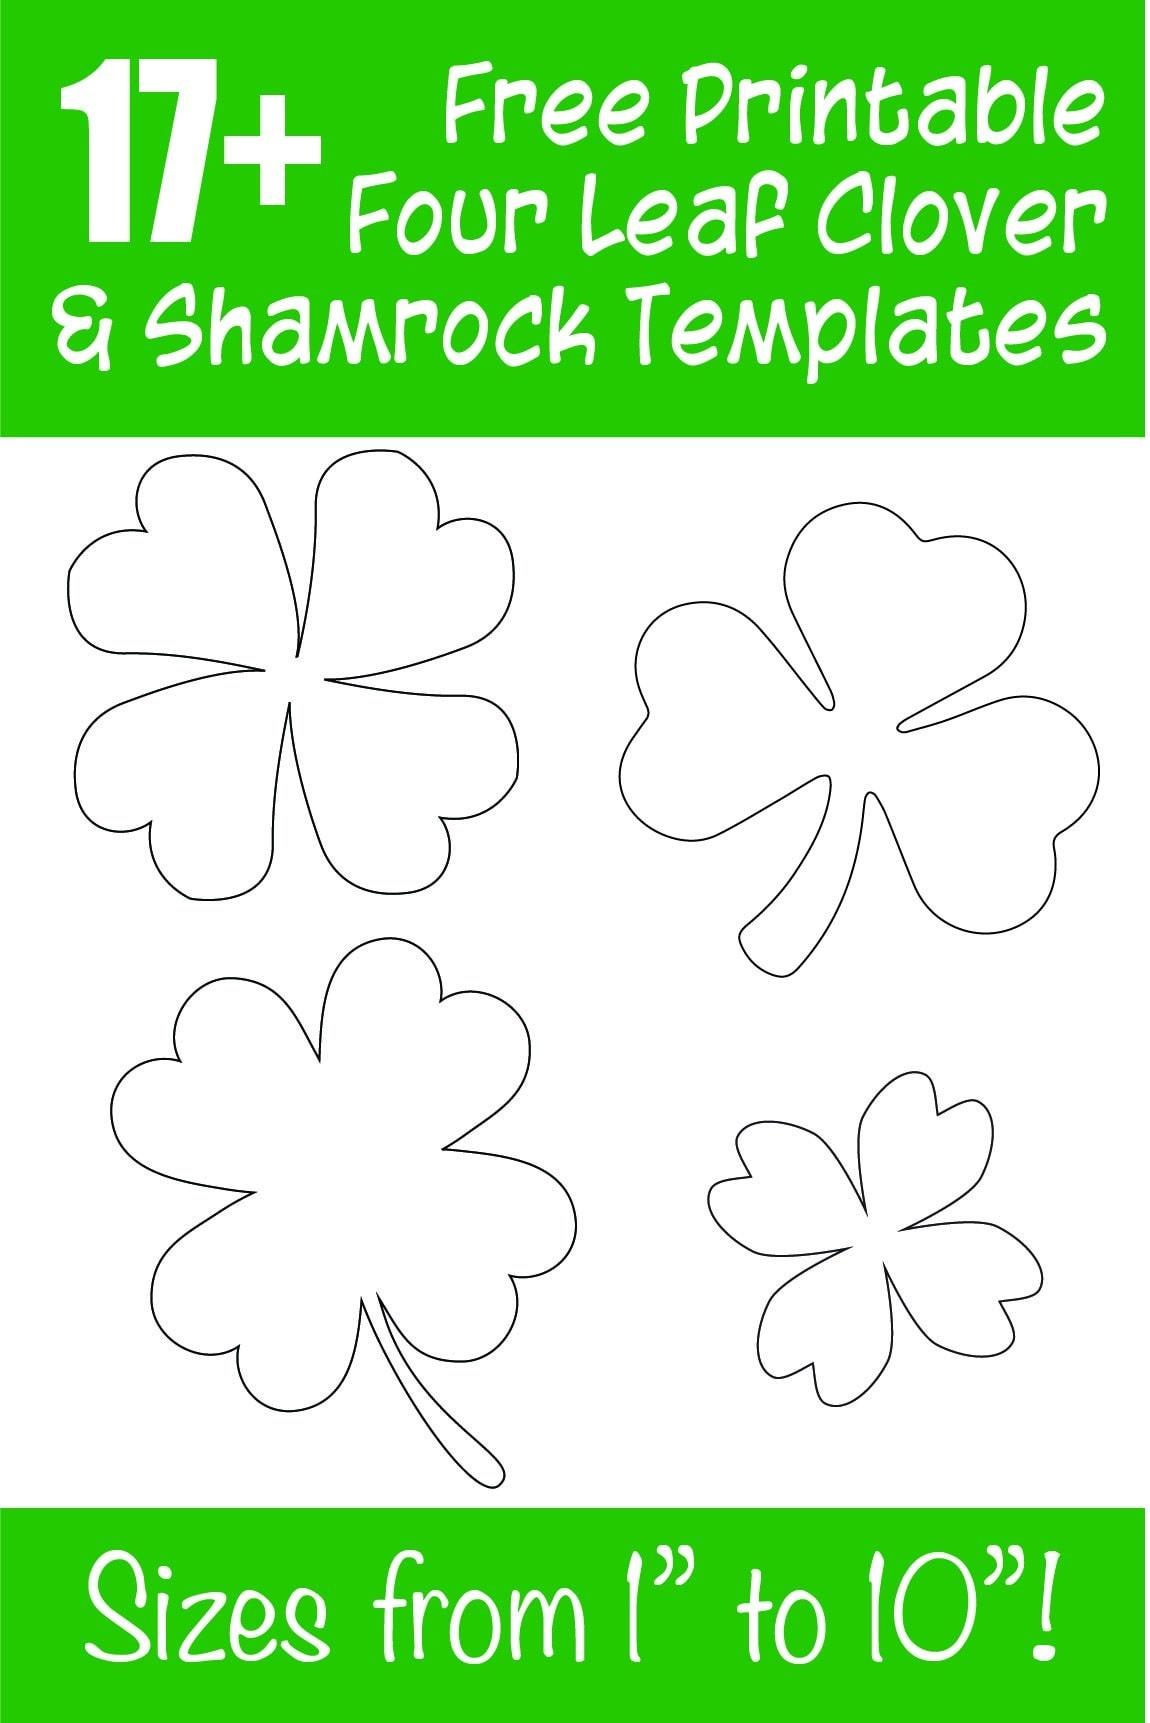 Free Printable Shamrocks